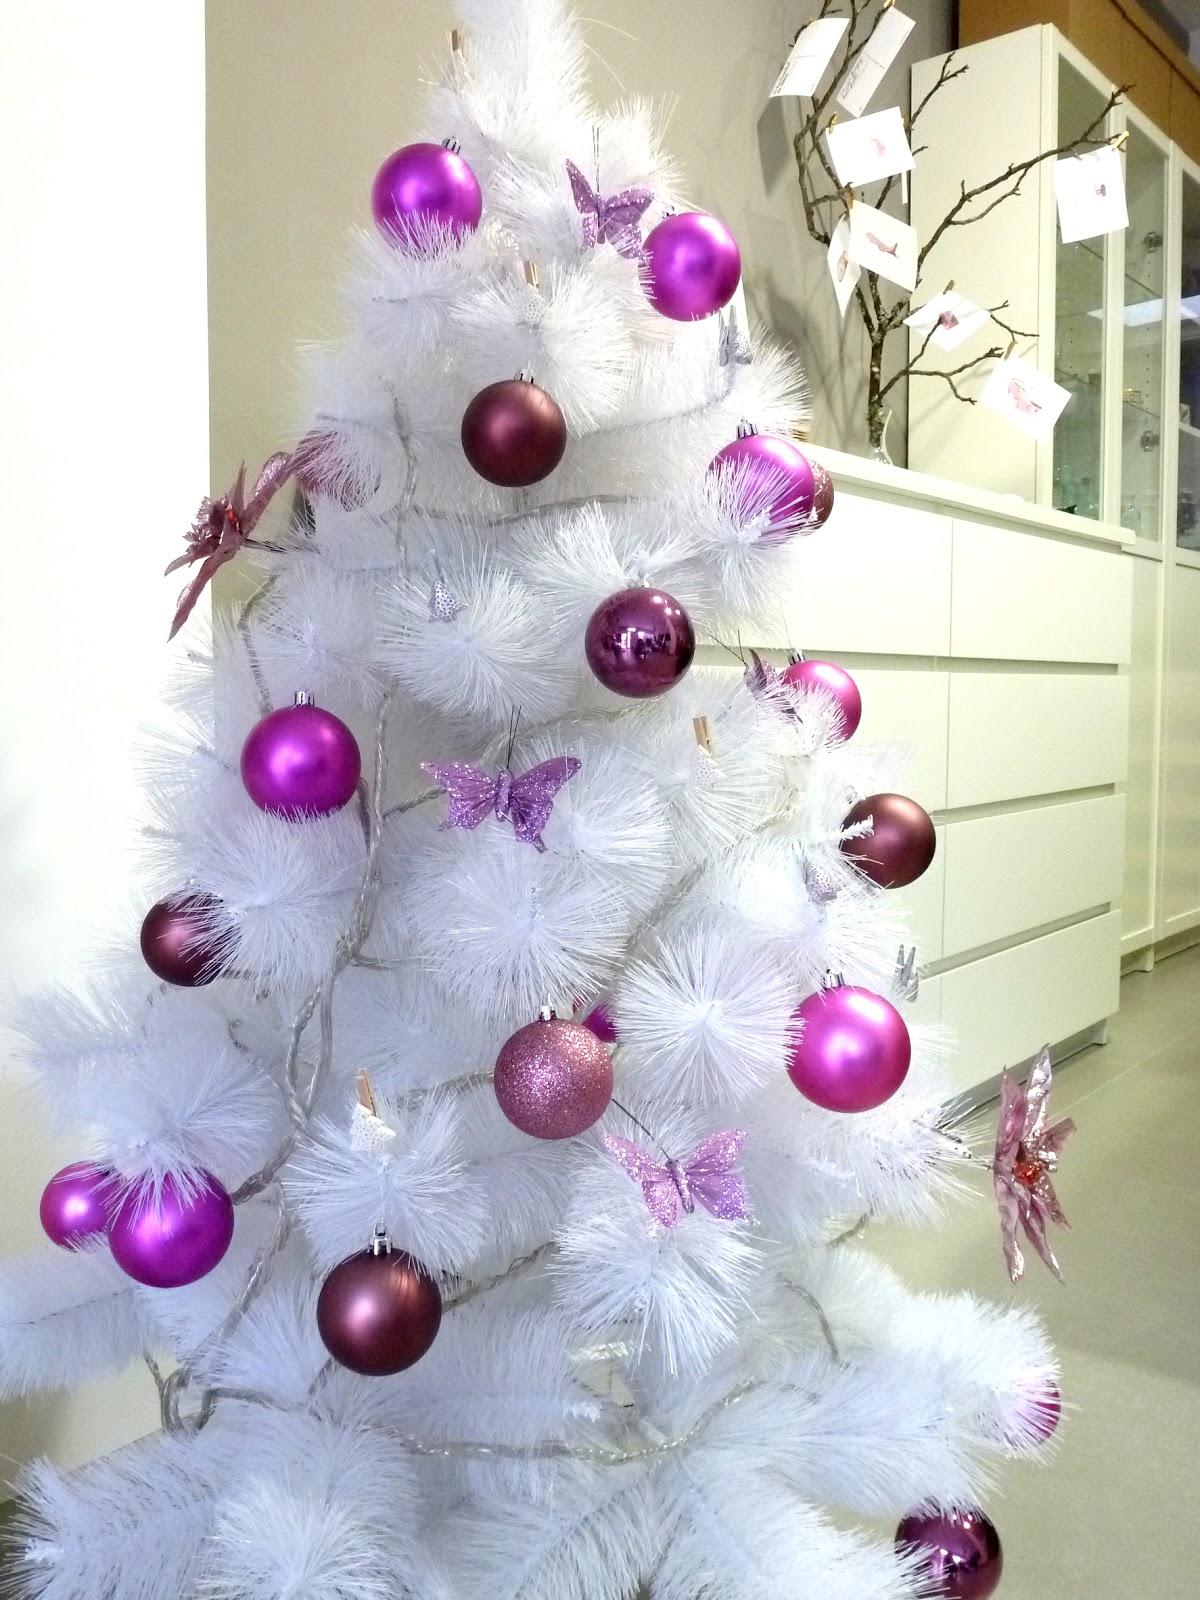 Hermanas bolena y qu os cuento yo ahora - Decoracion para arboles de navidad blancos ...